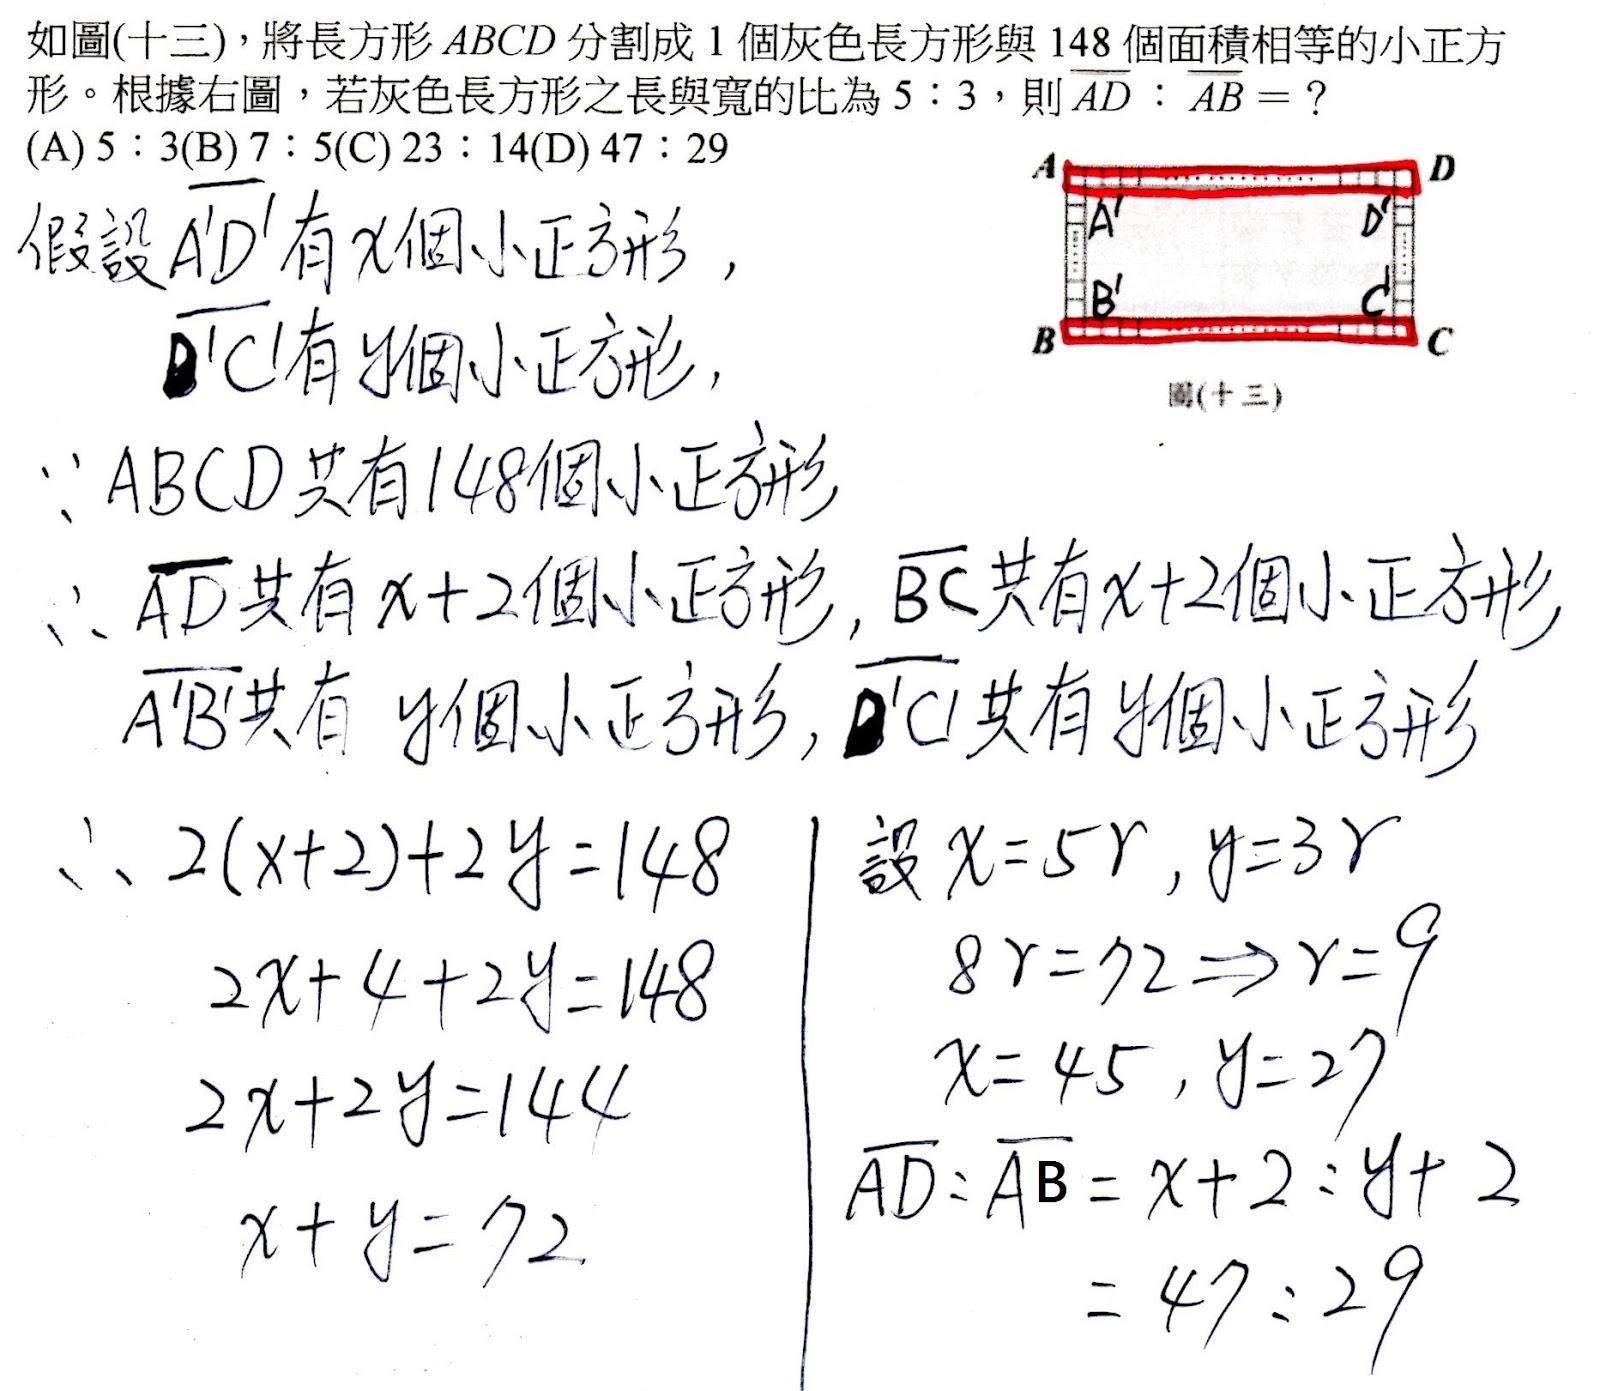 隨筆誌: 一下3-1比例式(長方形長.寬比問題)